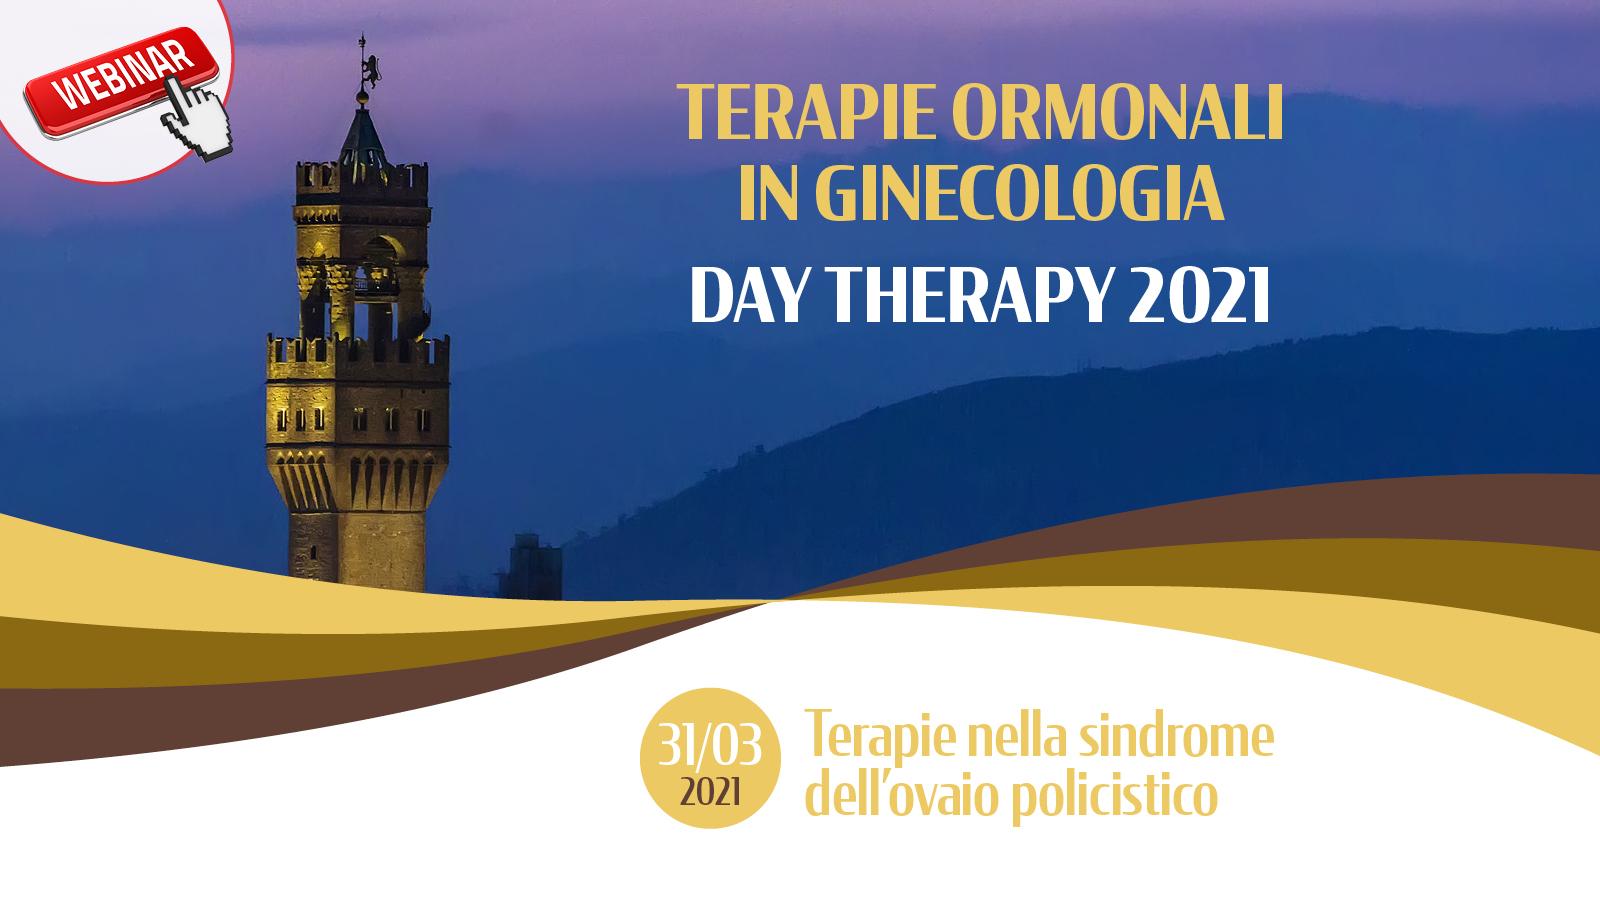 Terapie Ormonali in Ginecologia – DAY THERAPY 2021